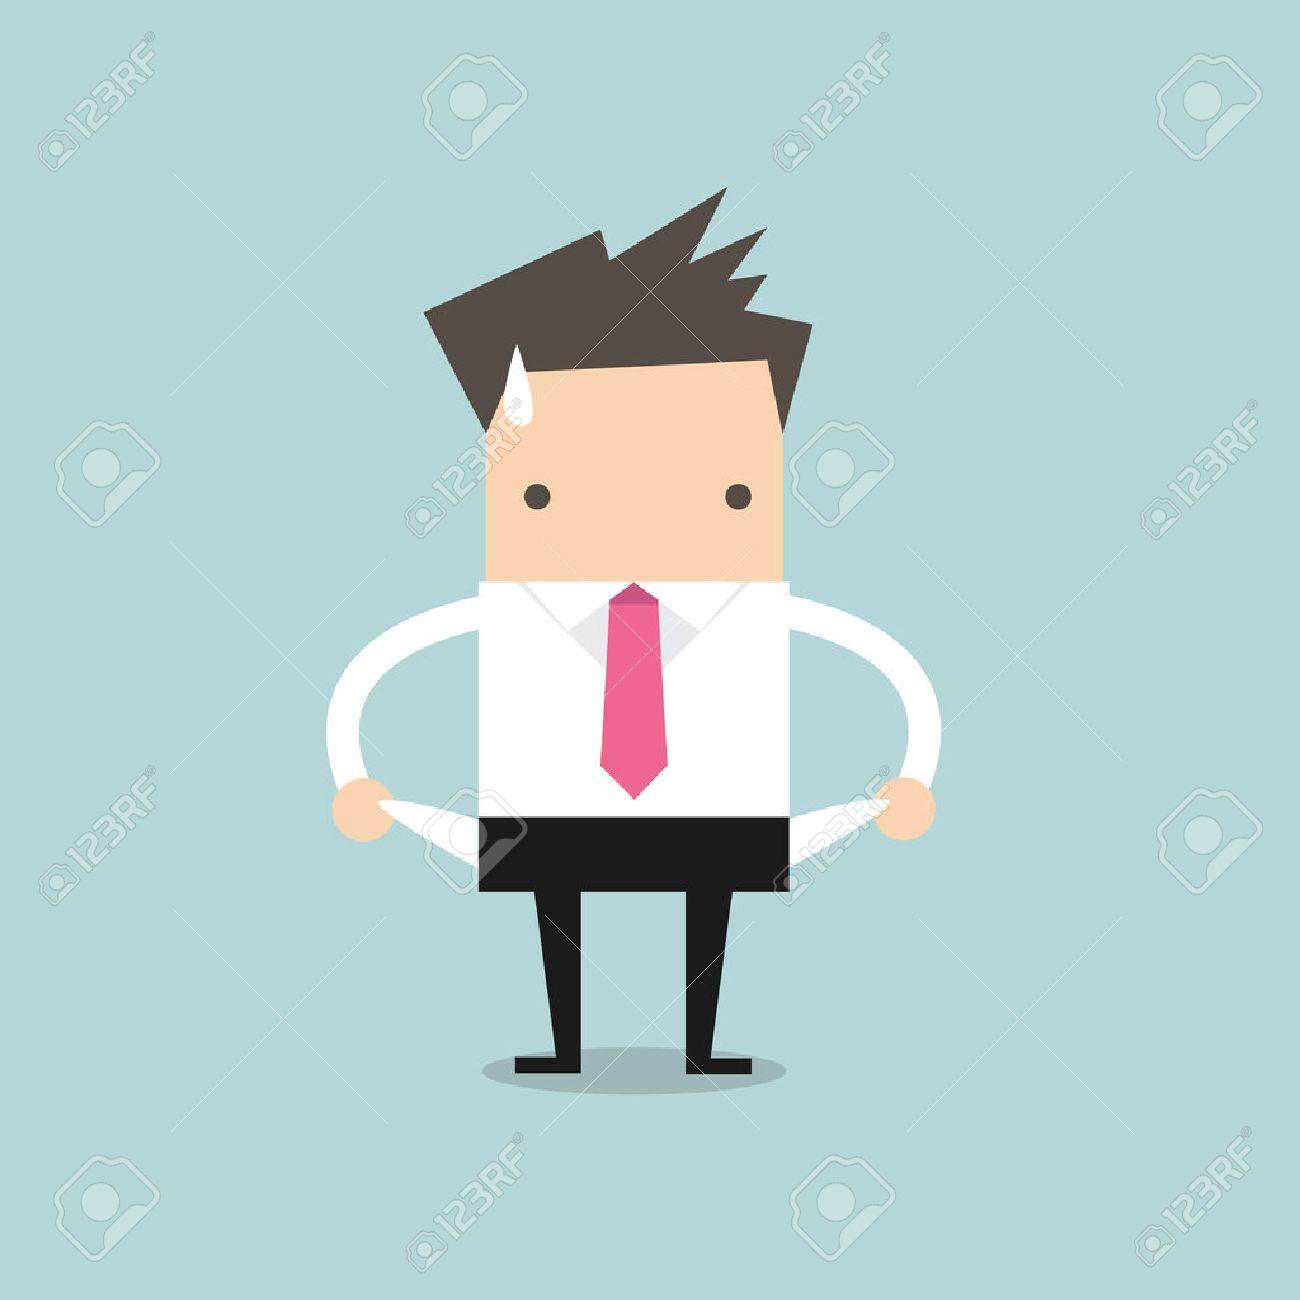 Businessman has no money - 39312129